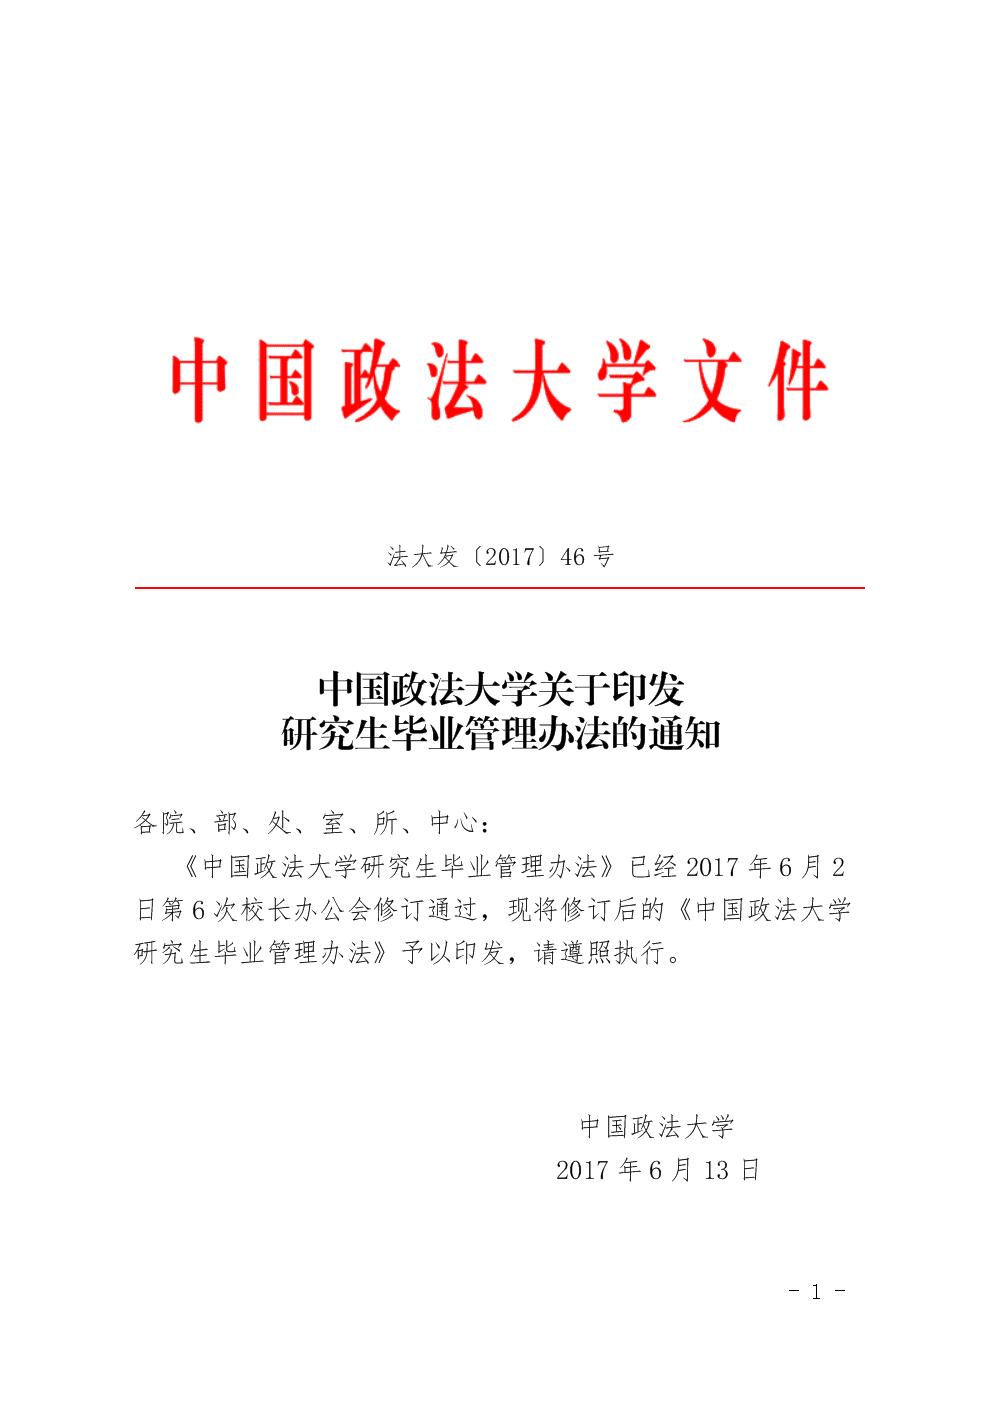 中國政法大學研究生畢業管理辦法20170613校發文20171108162653.doc